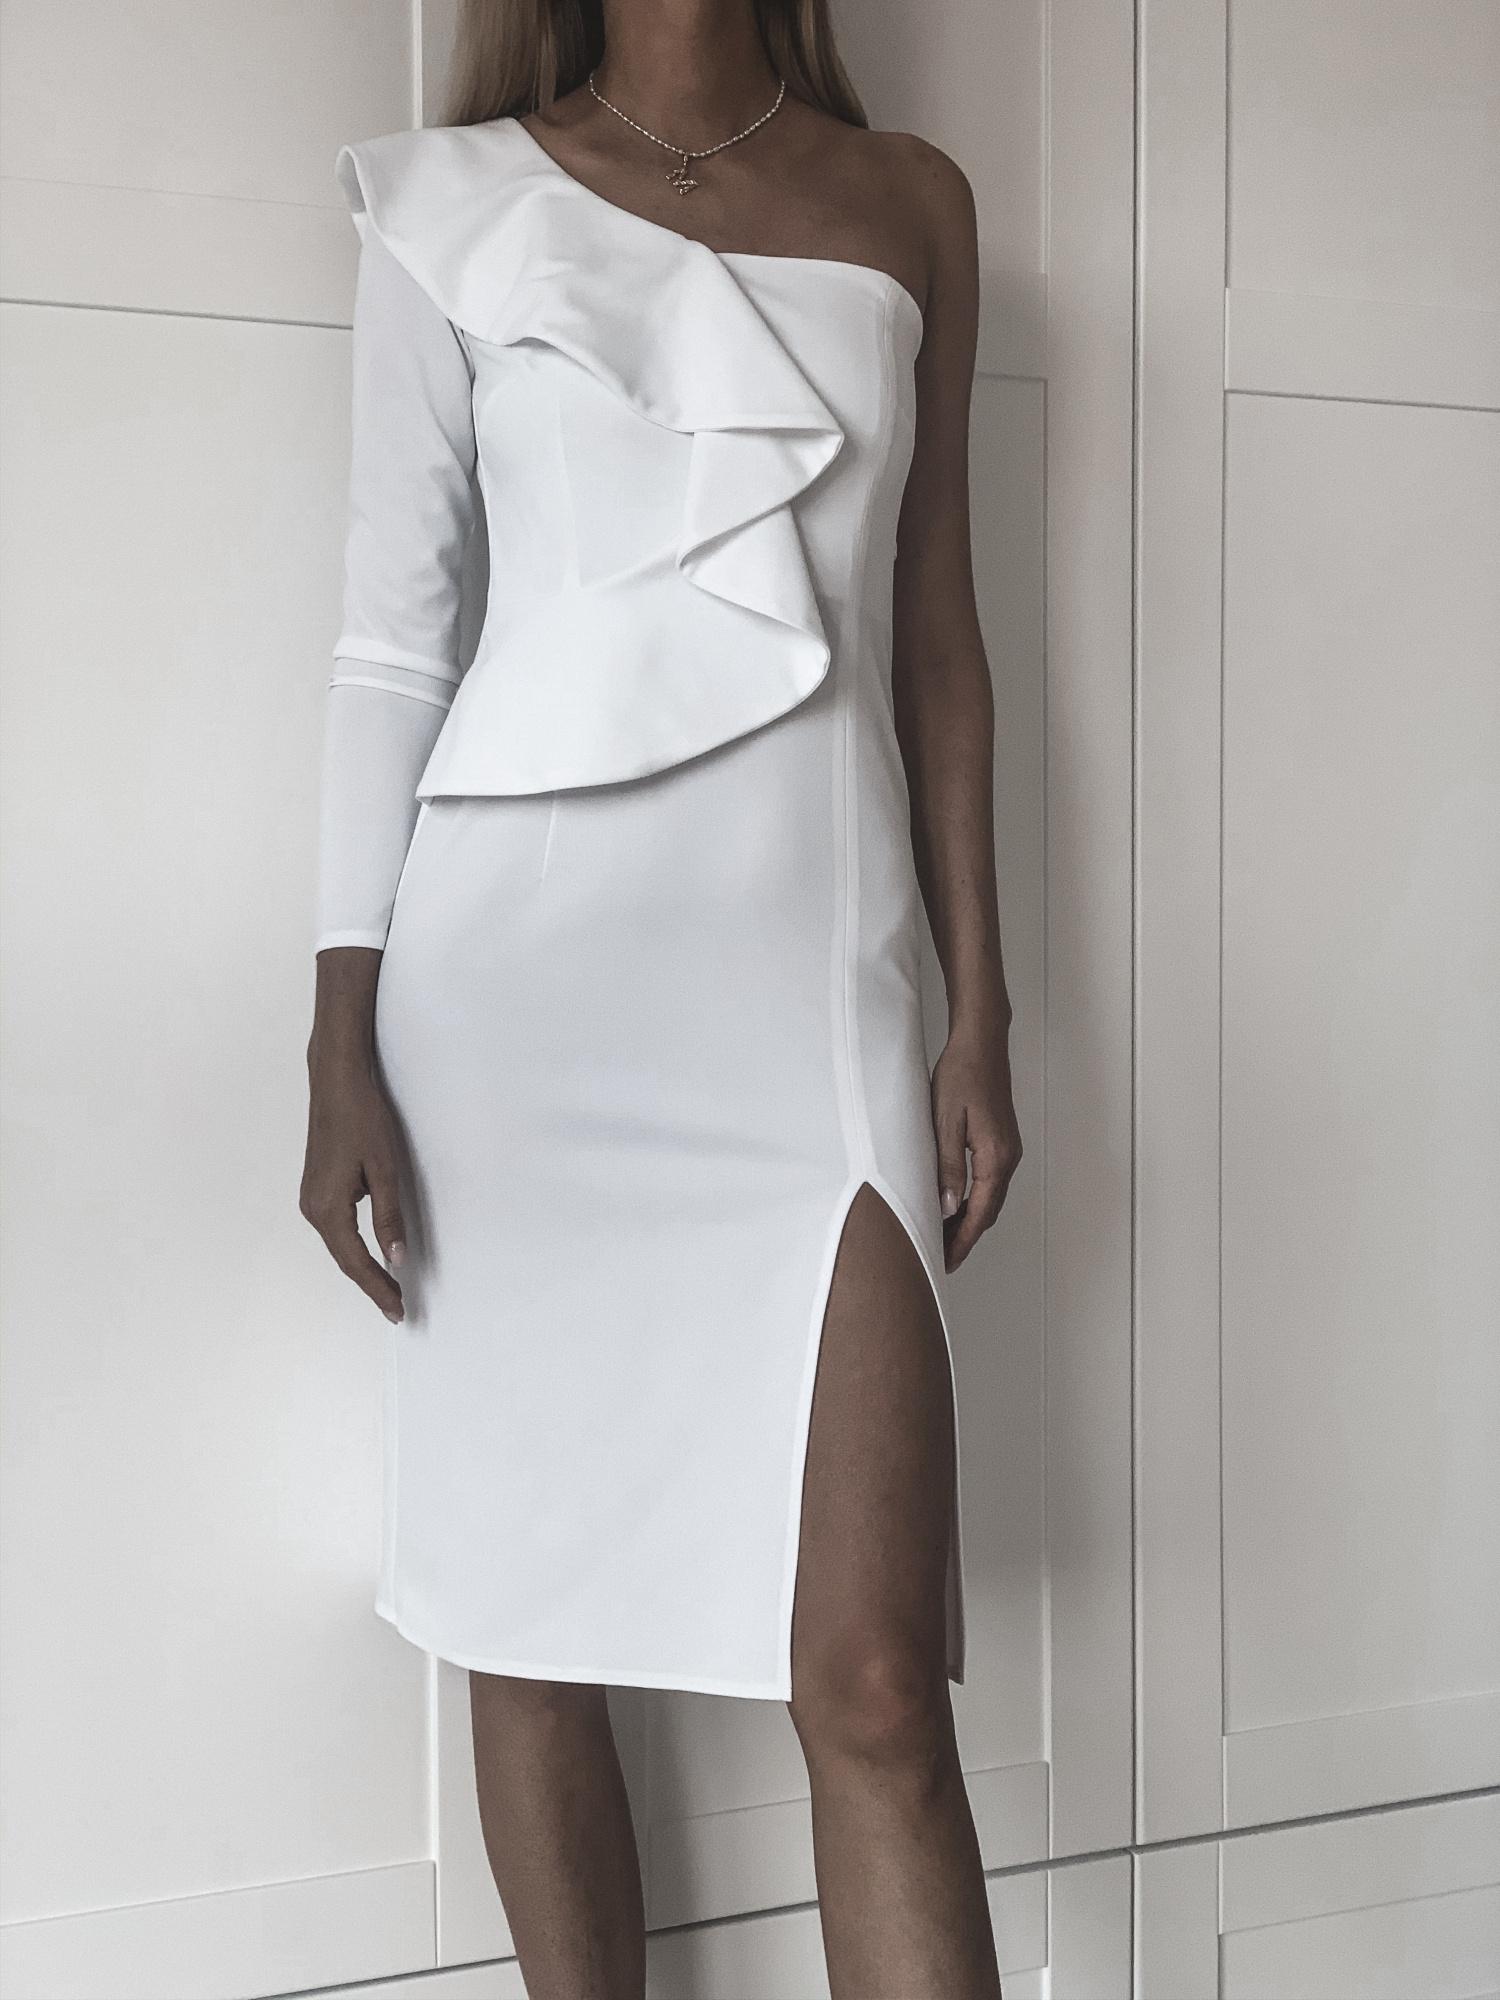 Inez Biała asymetryczna sukienka z falbaną KM325 4 ❤ Kartes Moda ❤